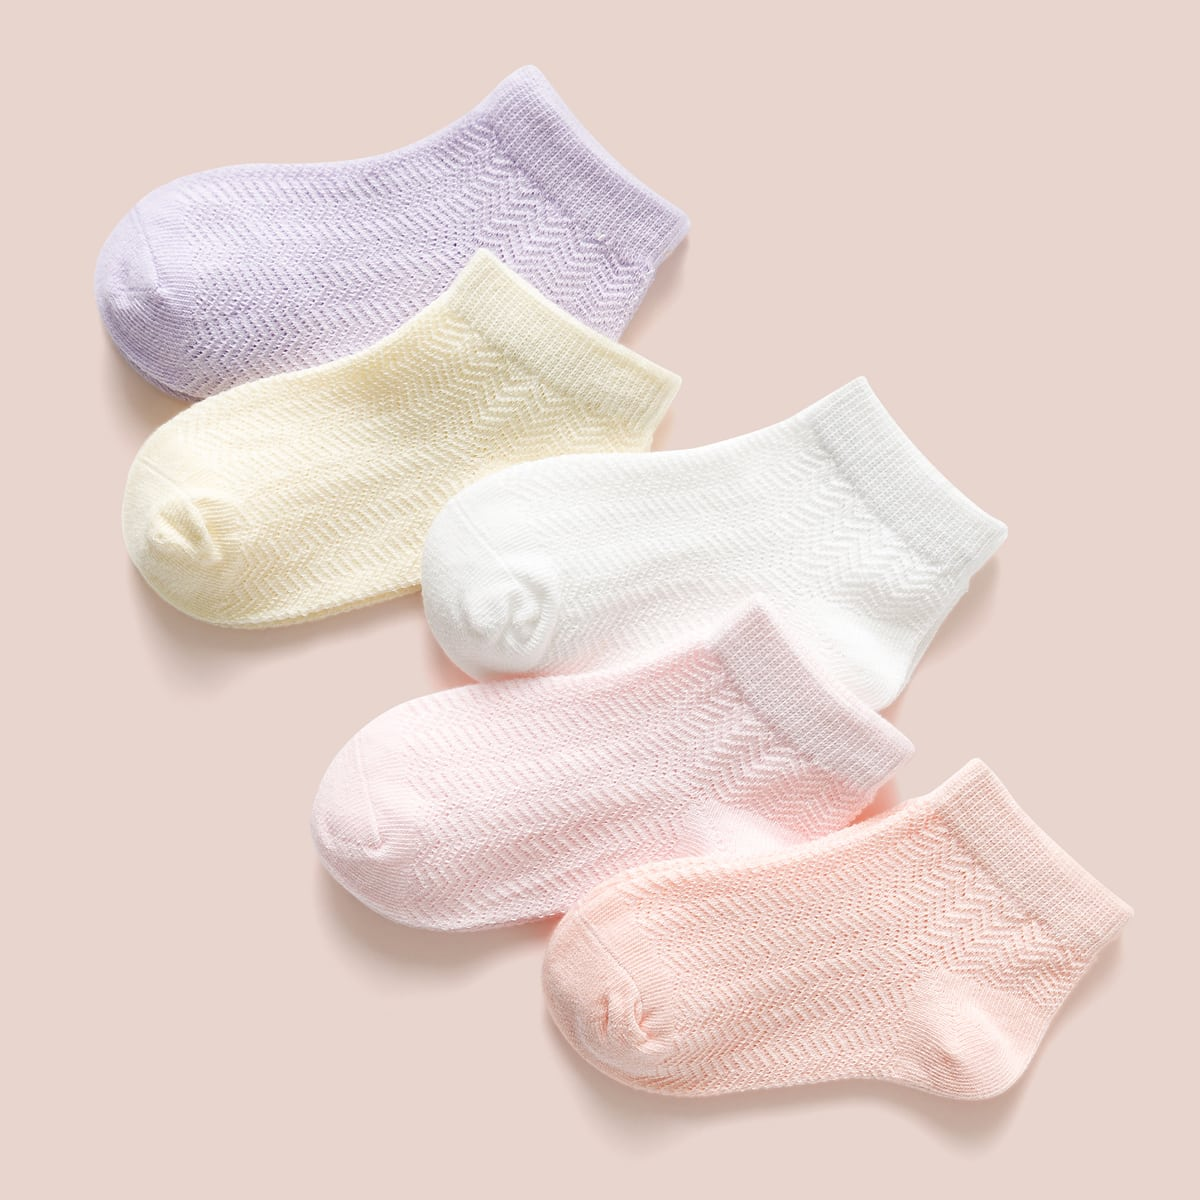 SHEIN / 5pairs Girls Plain Socks